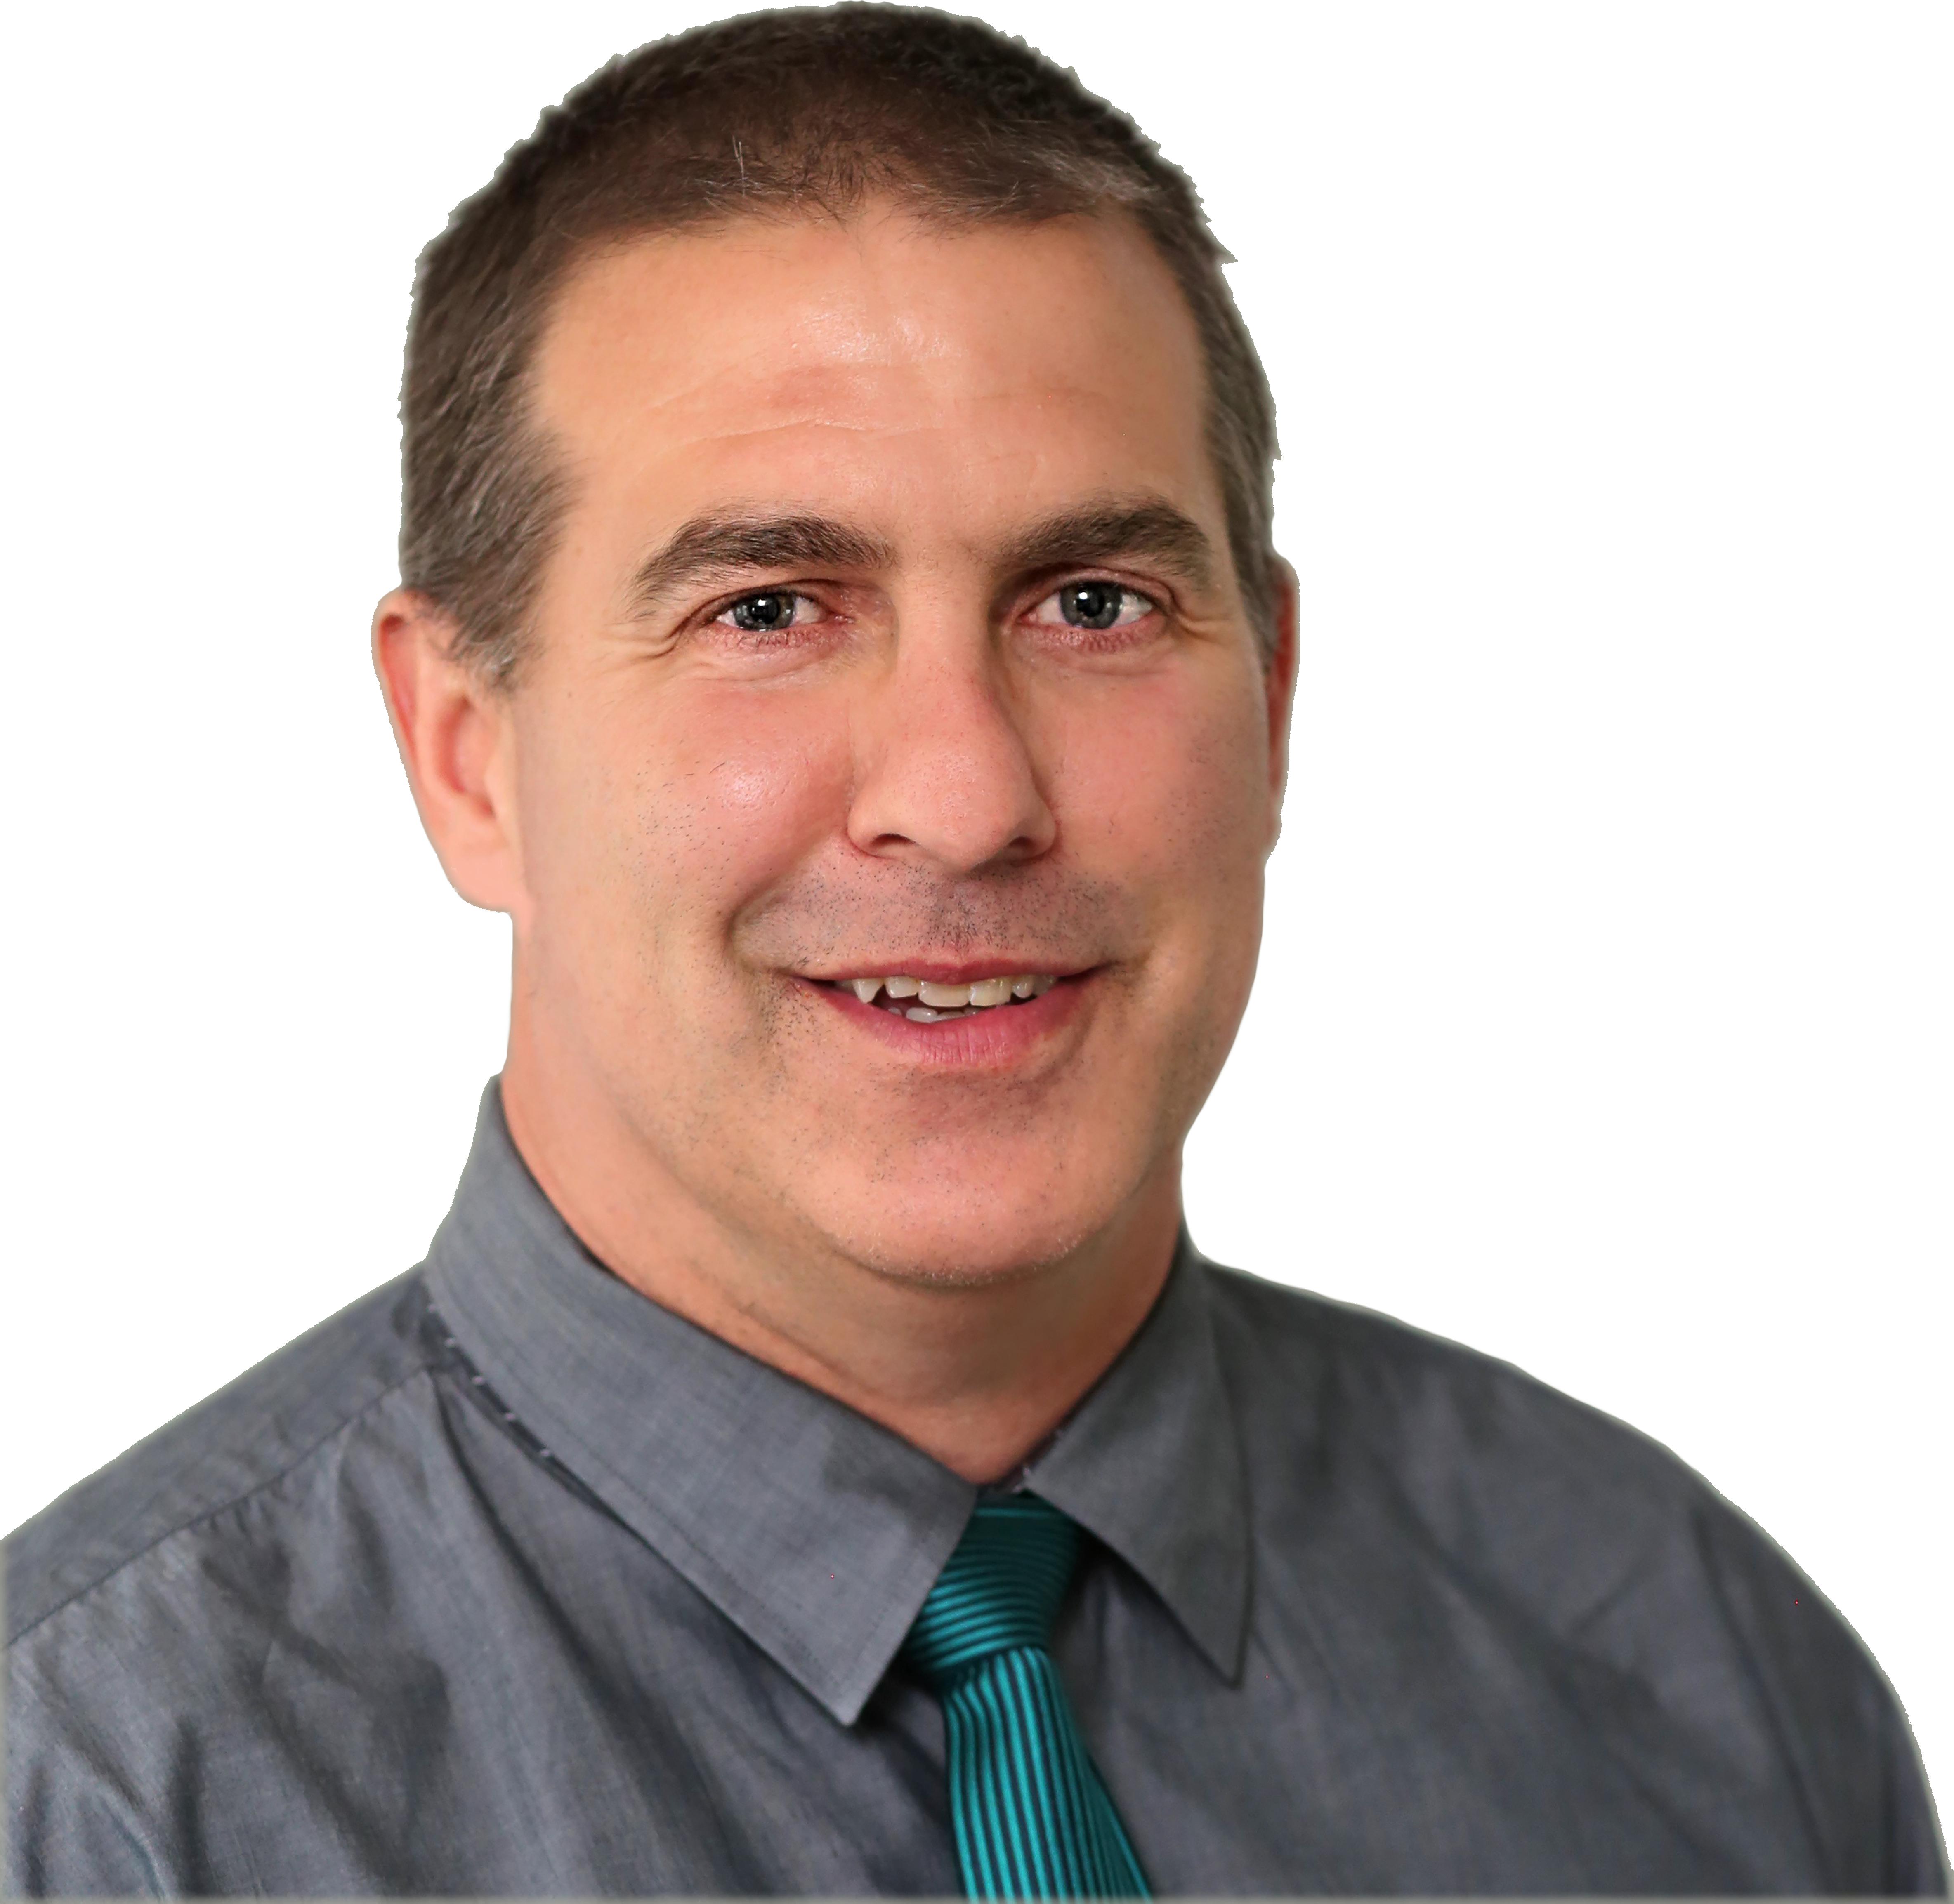 Todd Muir